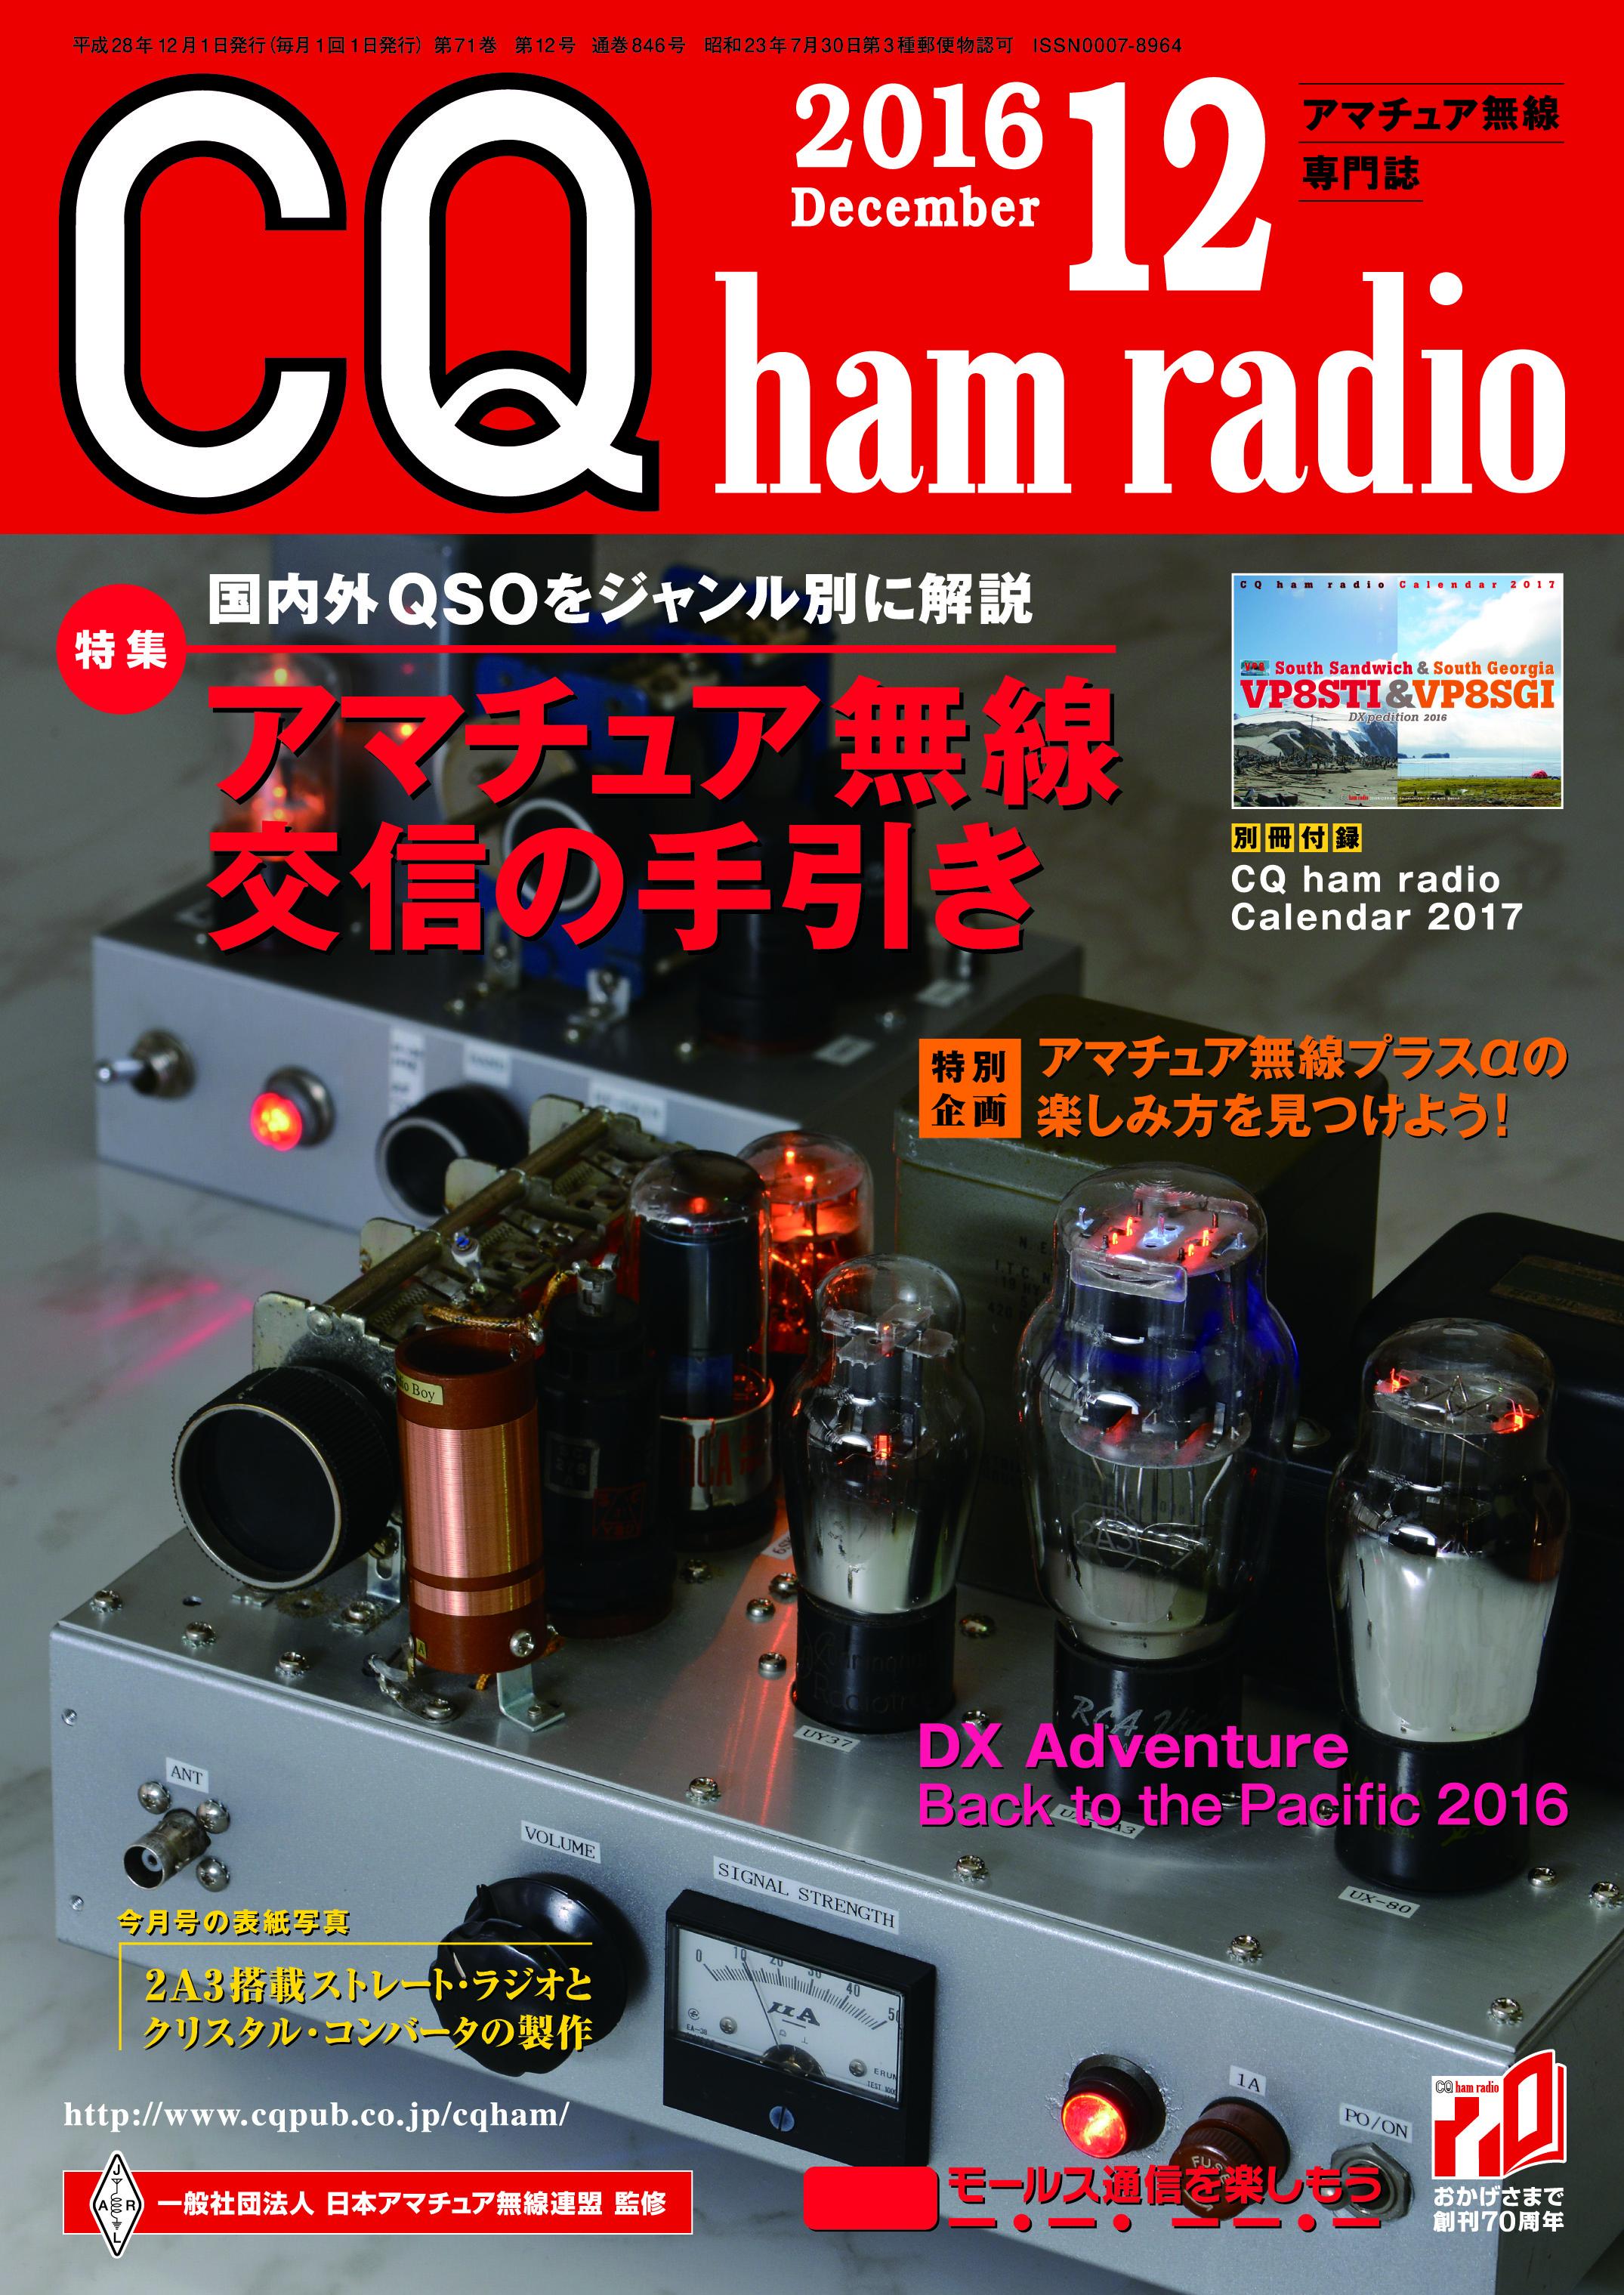 CQ ham radio 2016年12月号